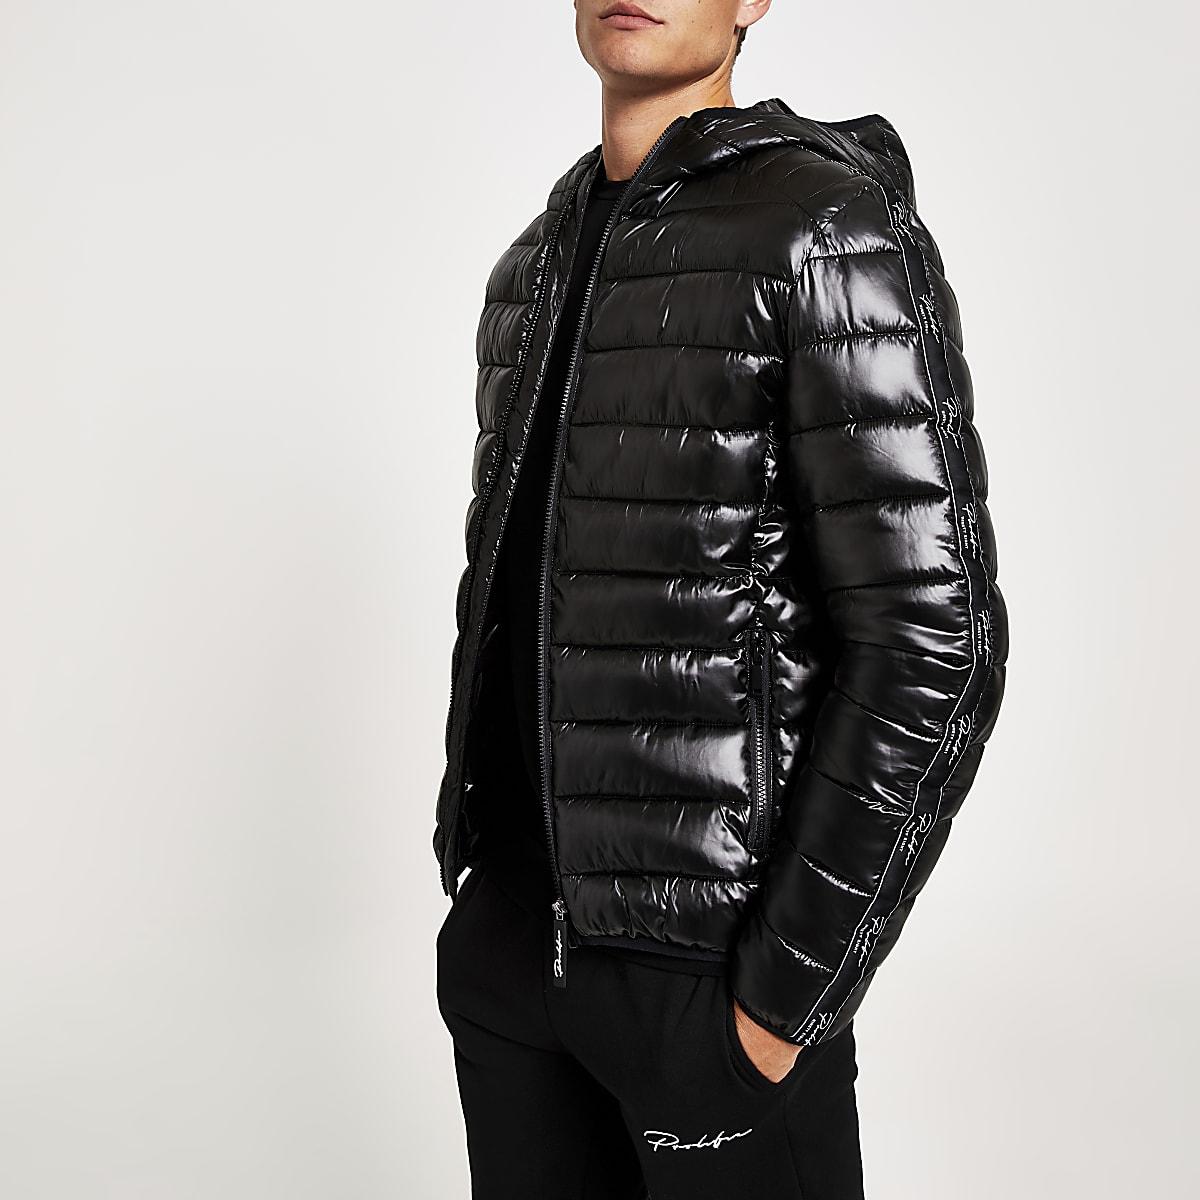 Black Prolific lightweight hooded puffer